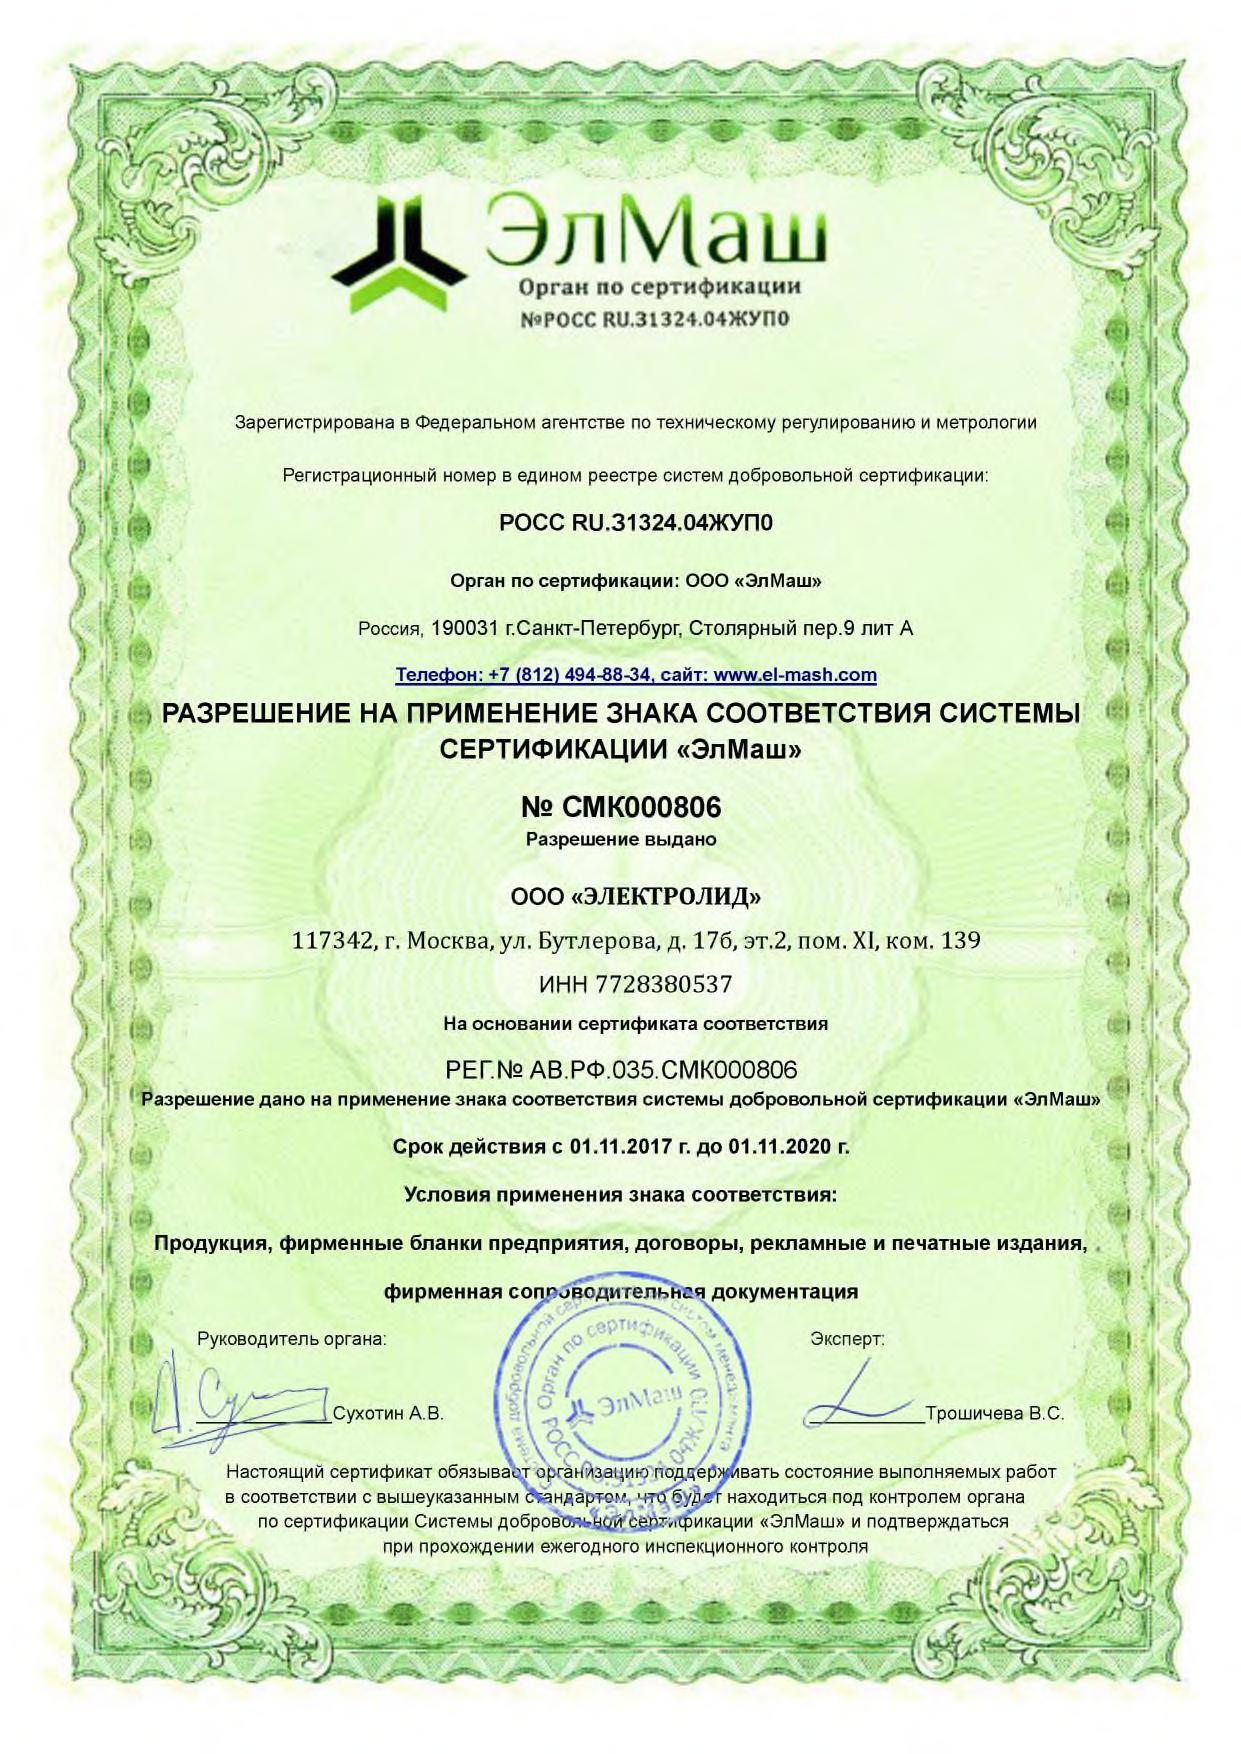 Сертификат Элмаш на применение знака соответствия